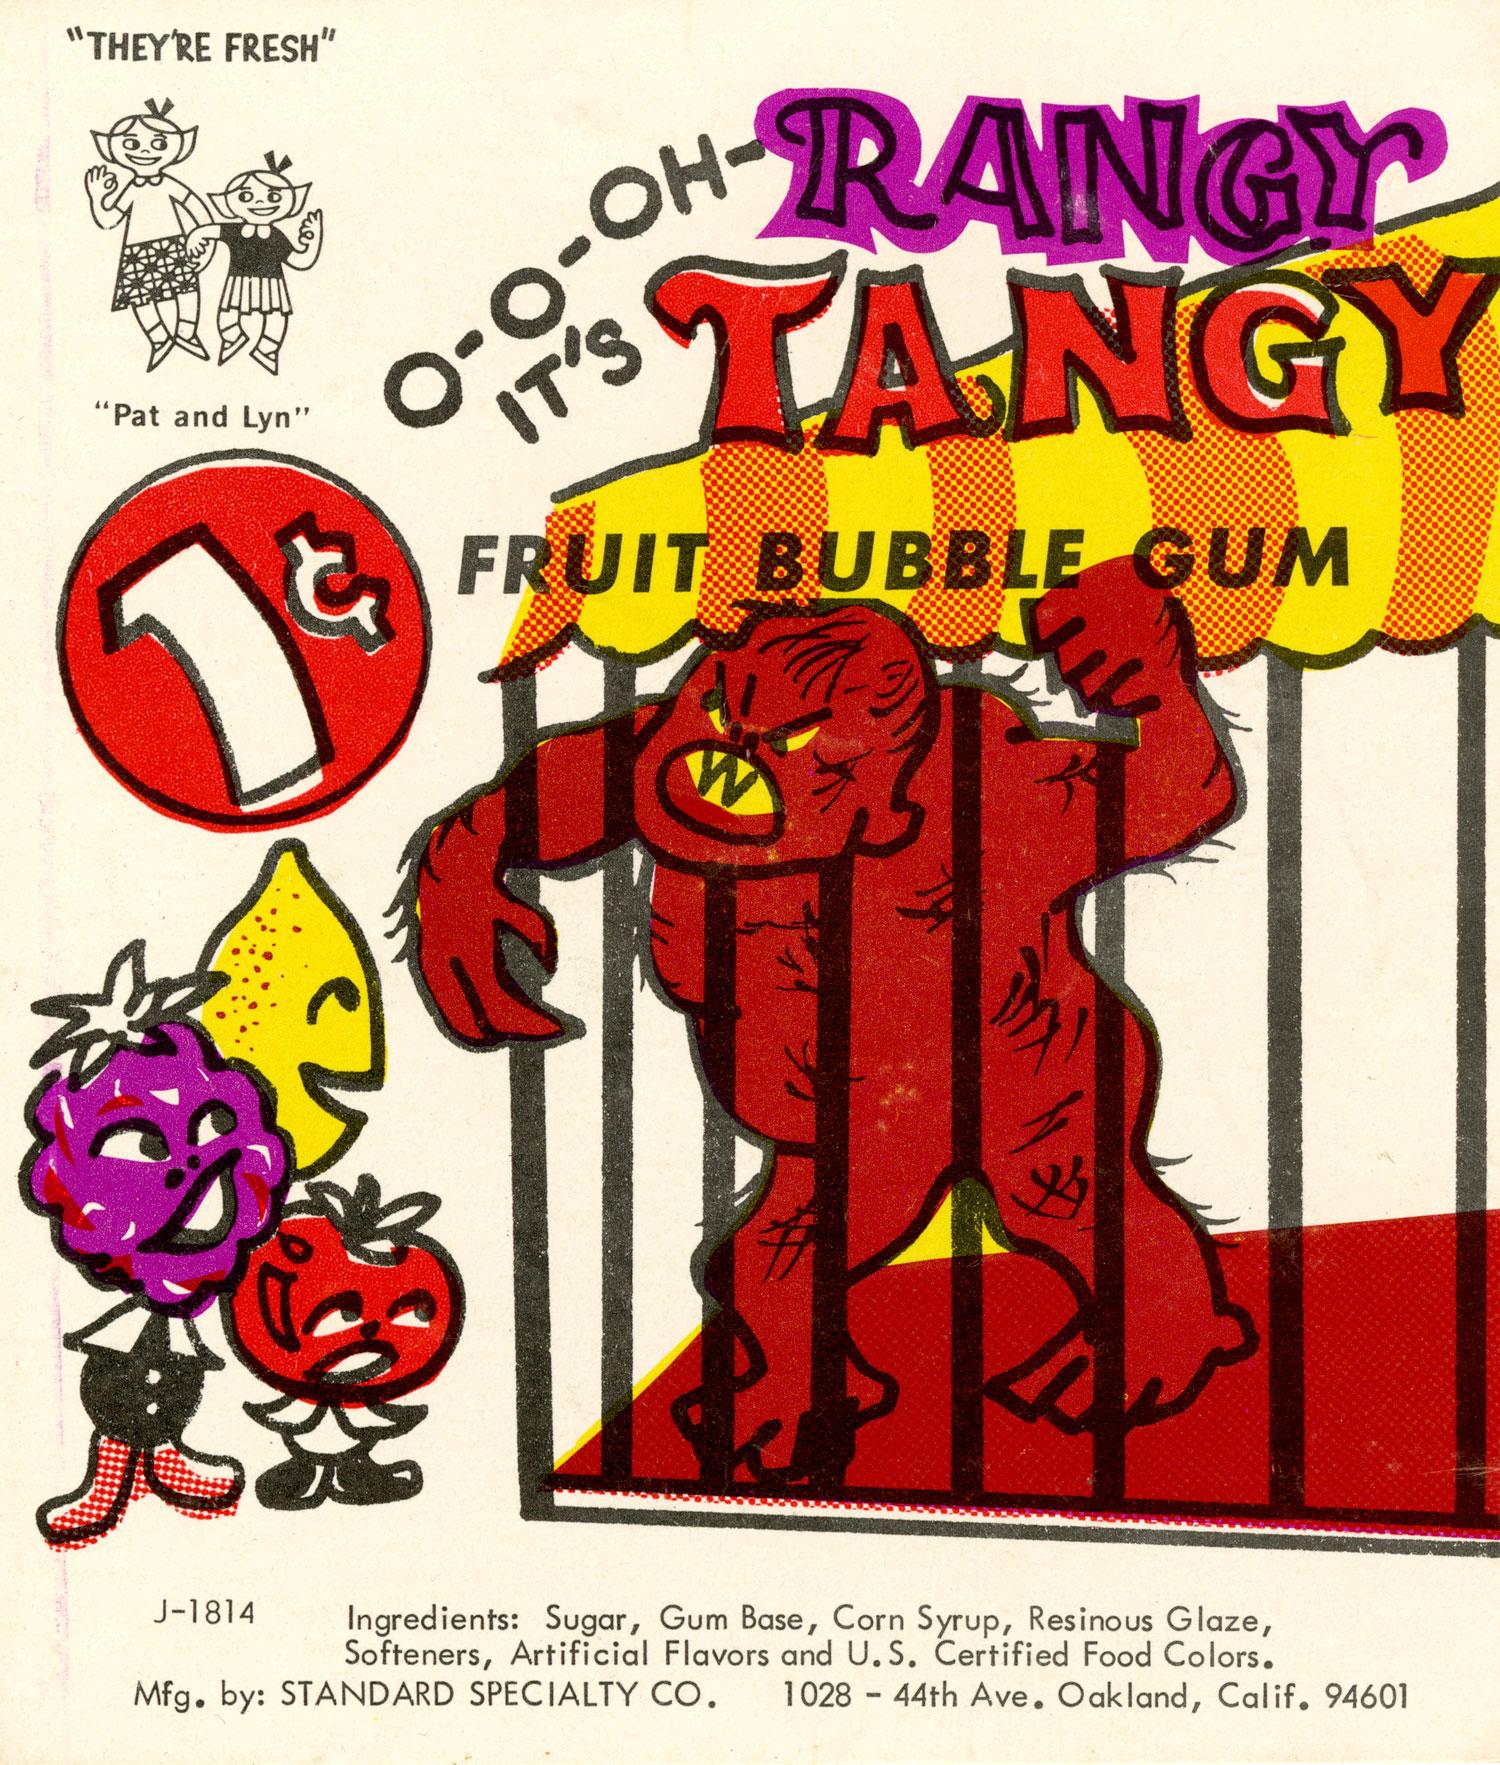 o-o-oh-its-rangy-tangy_26940642519_o.jpg